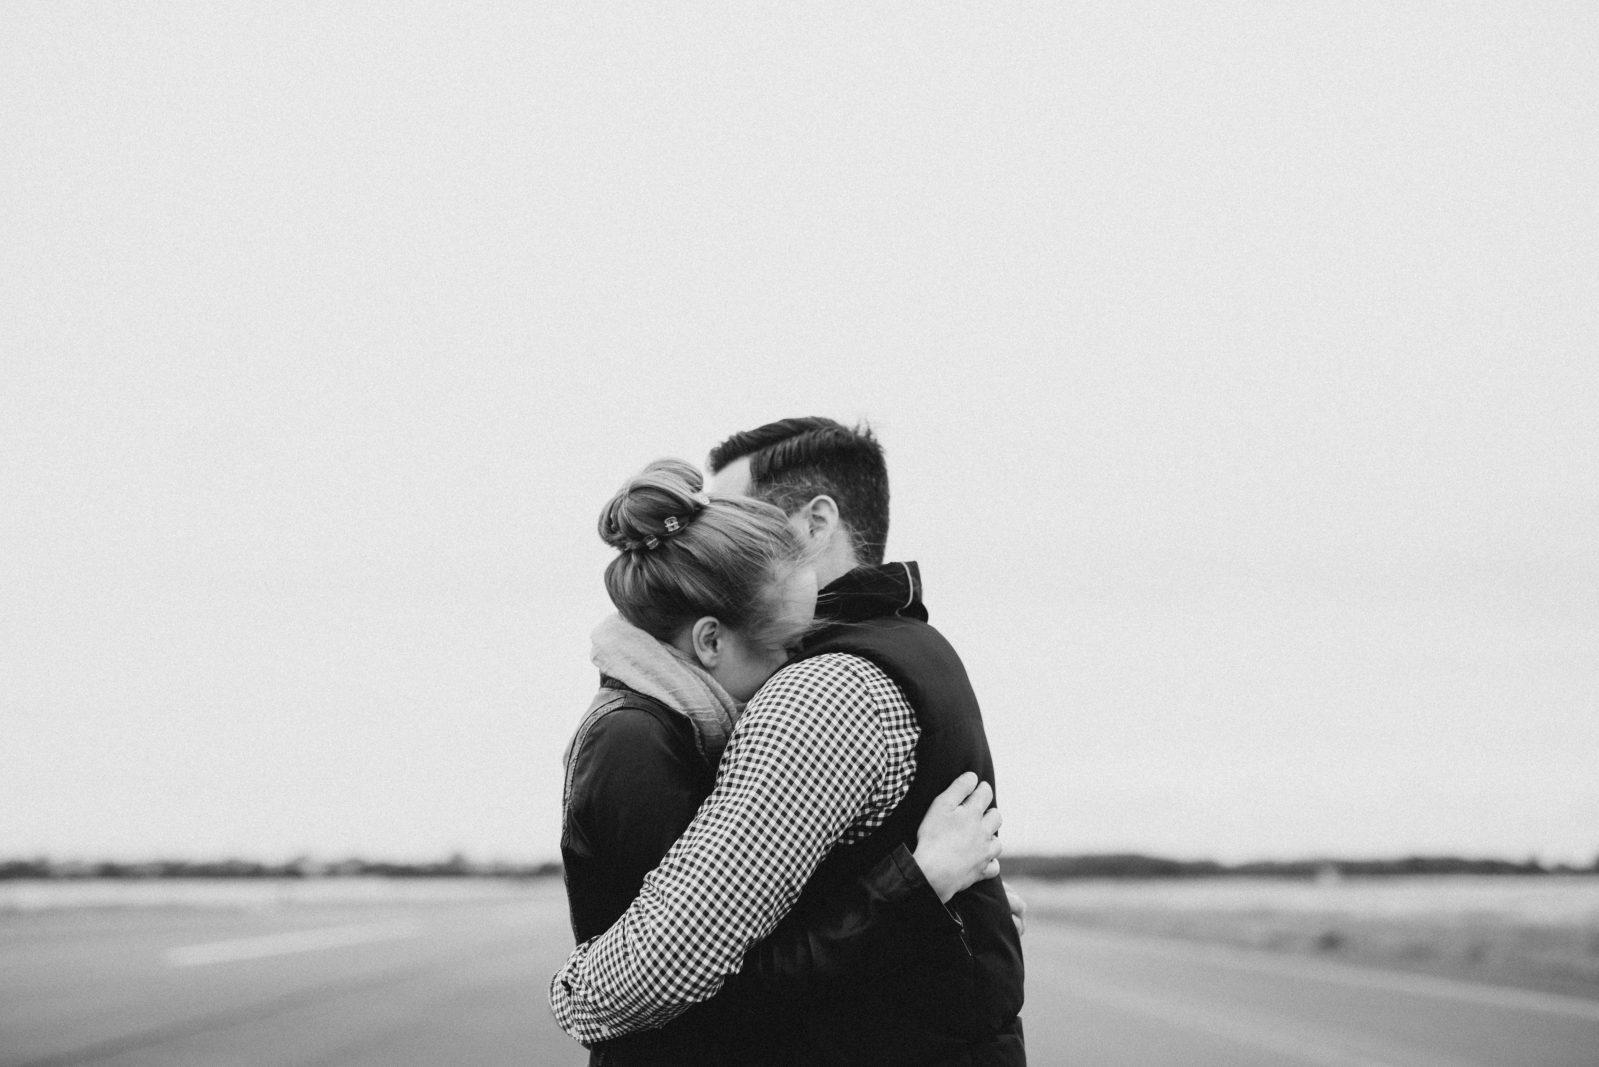 Amore non è mica perdersi, amore è ritrovarsi.